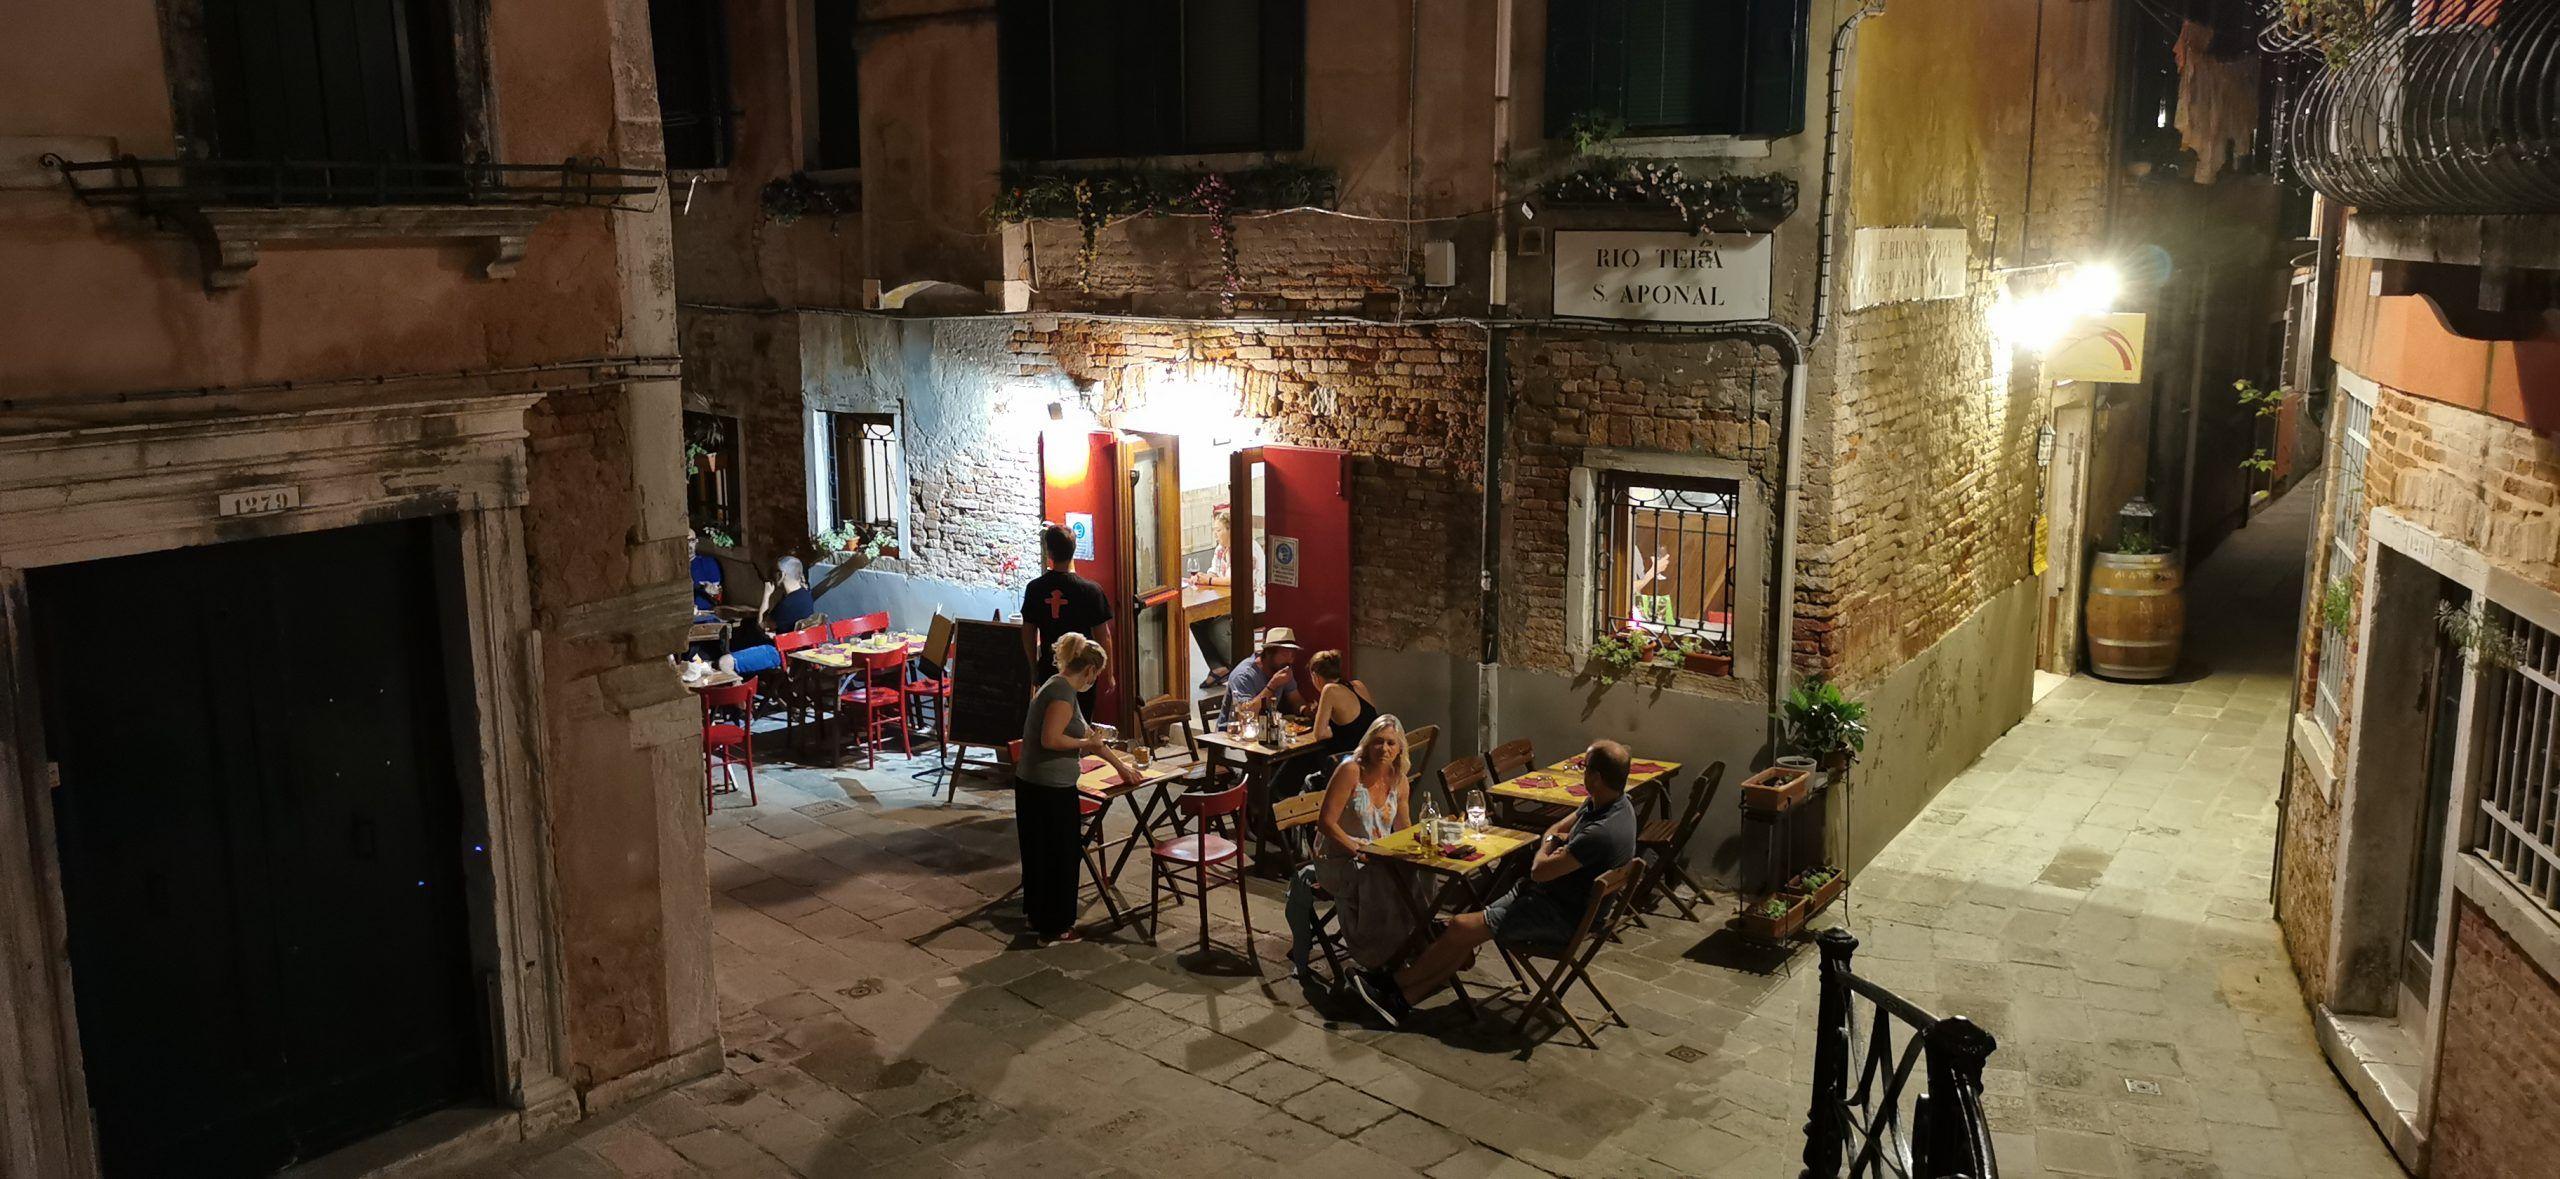 Osteria Ai 4 Feri Storti A Venezia Recensione Una Nuova Apertura Suggestiva Per Una Cucina Onesta Attorcigliato Nel Sestiere D Ferie Briciole Di Pane Trattori